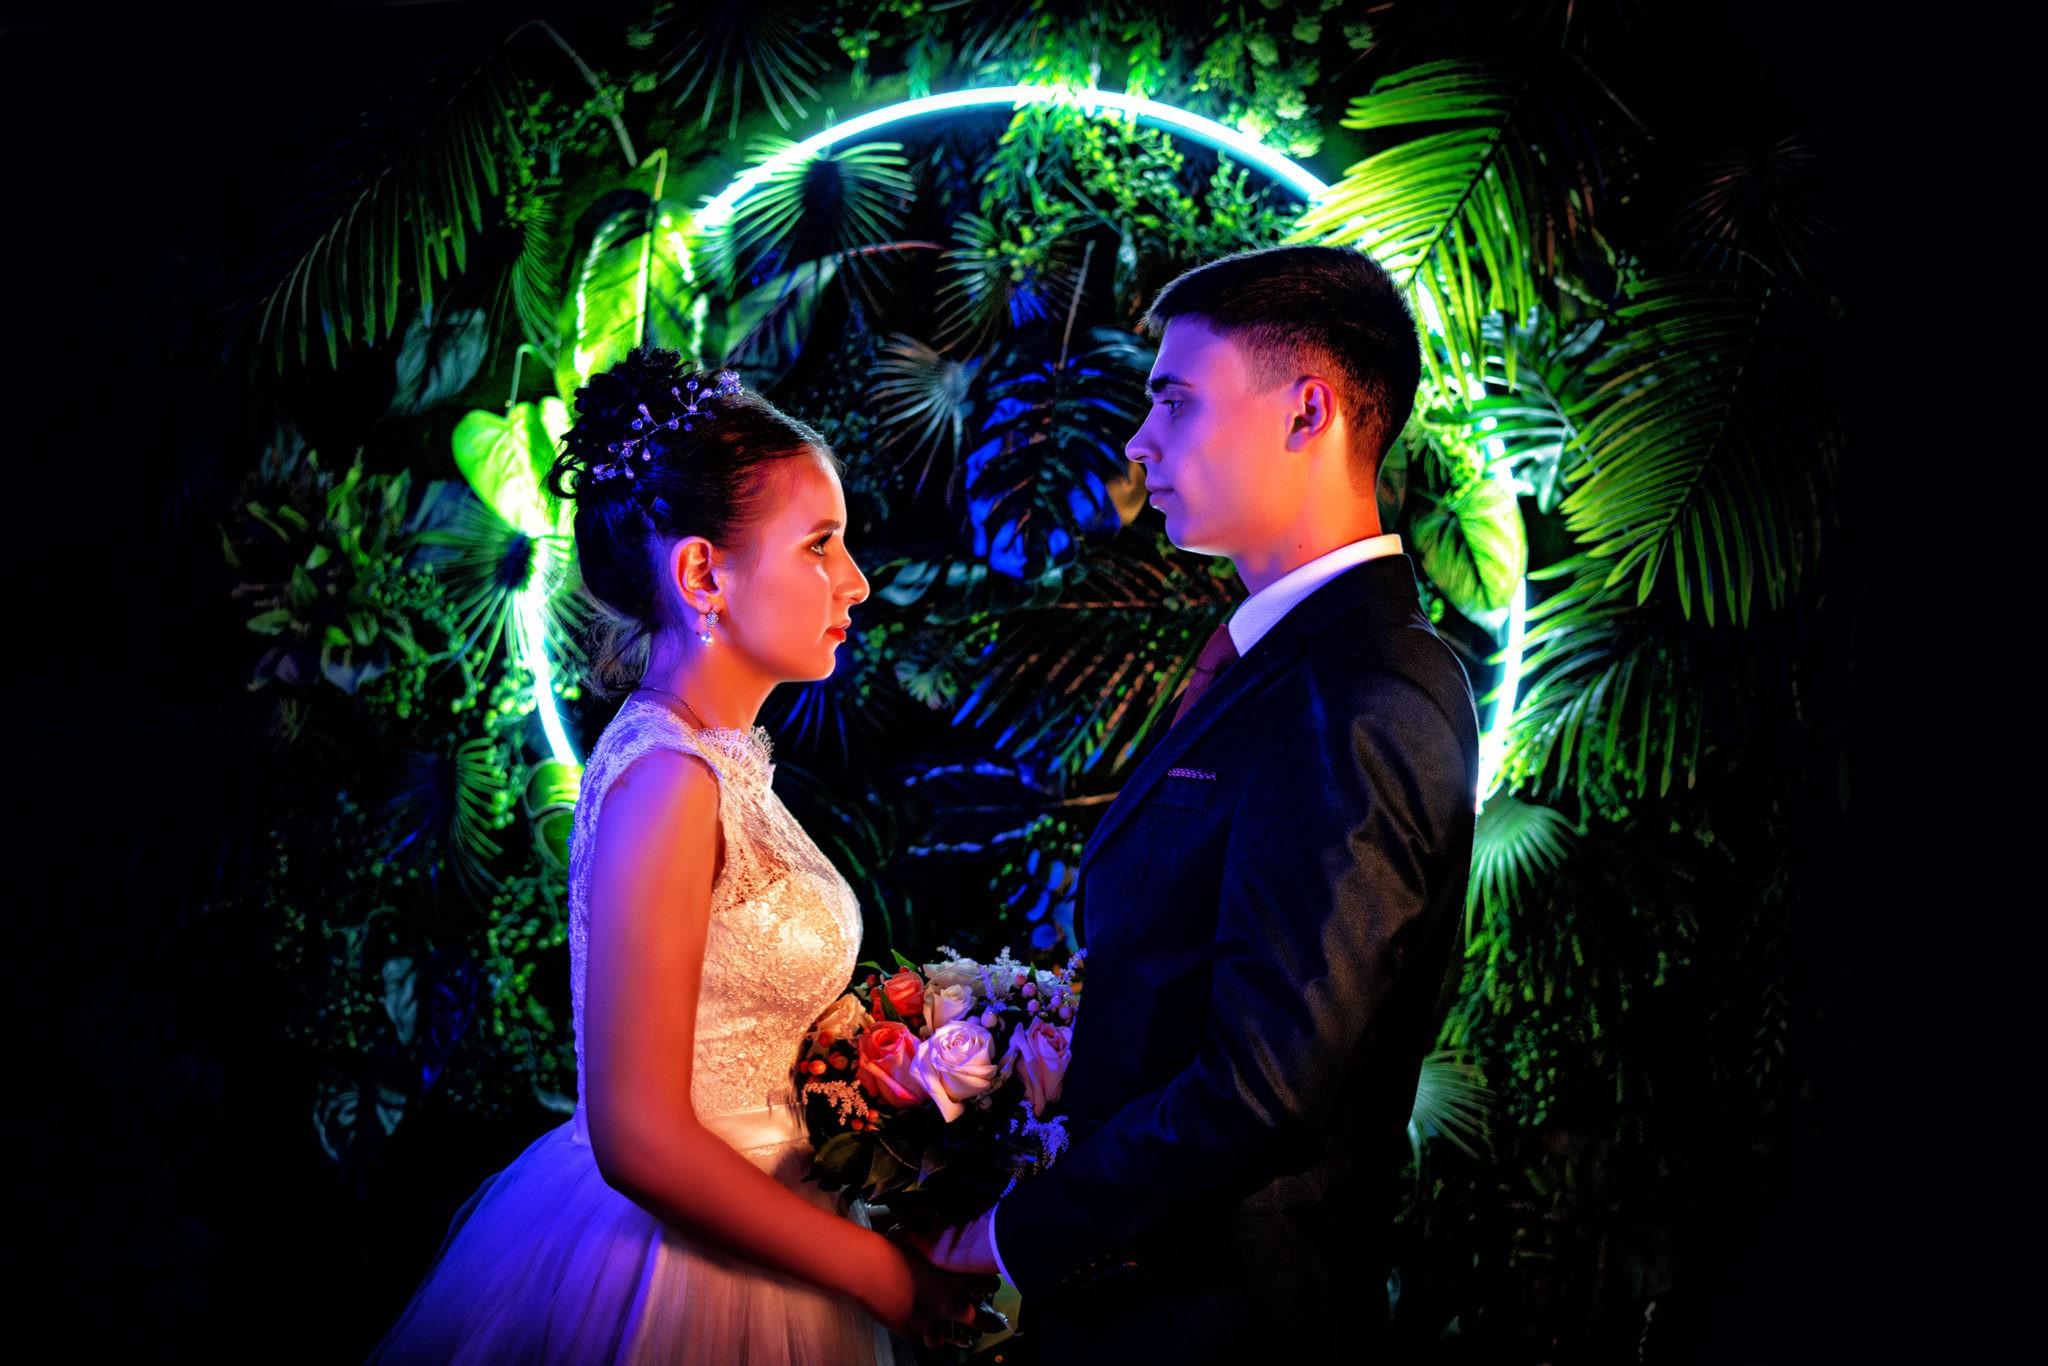 Свадебная съемка от Краснодарского свадебного фотографа в атмосферной, неоновой студии 69volt Краснодар